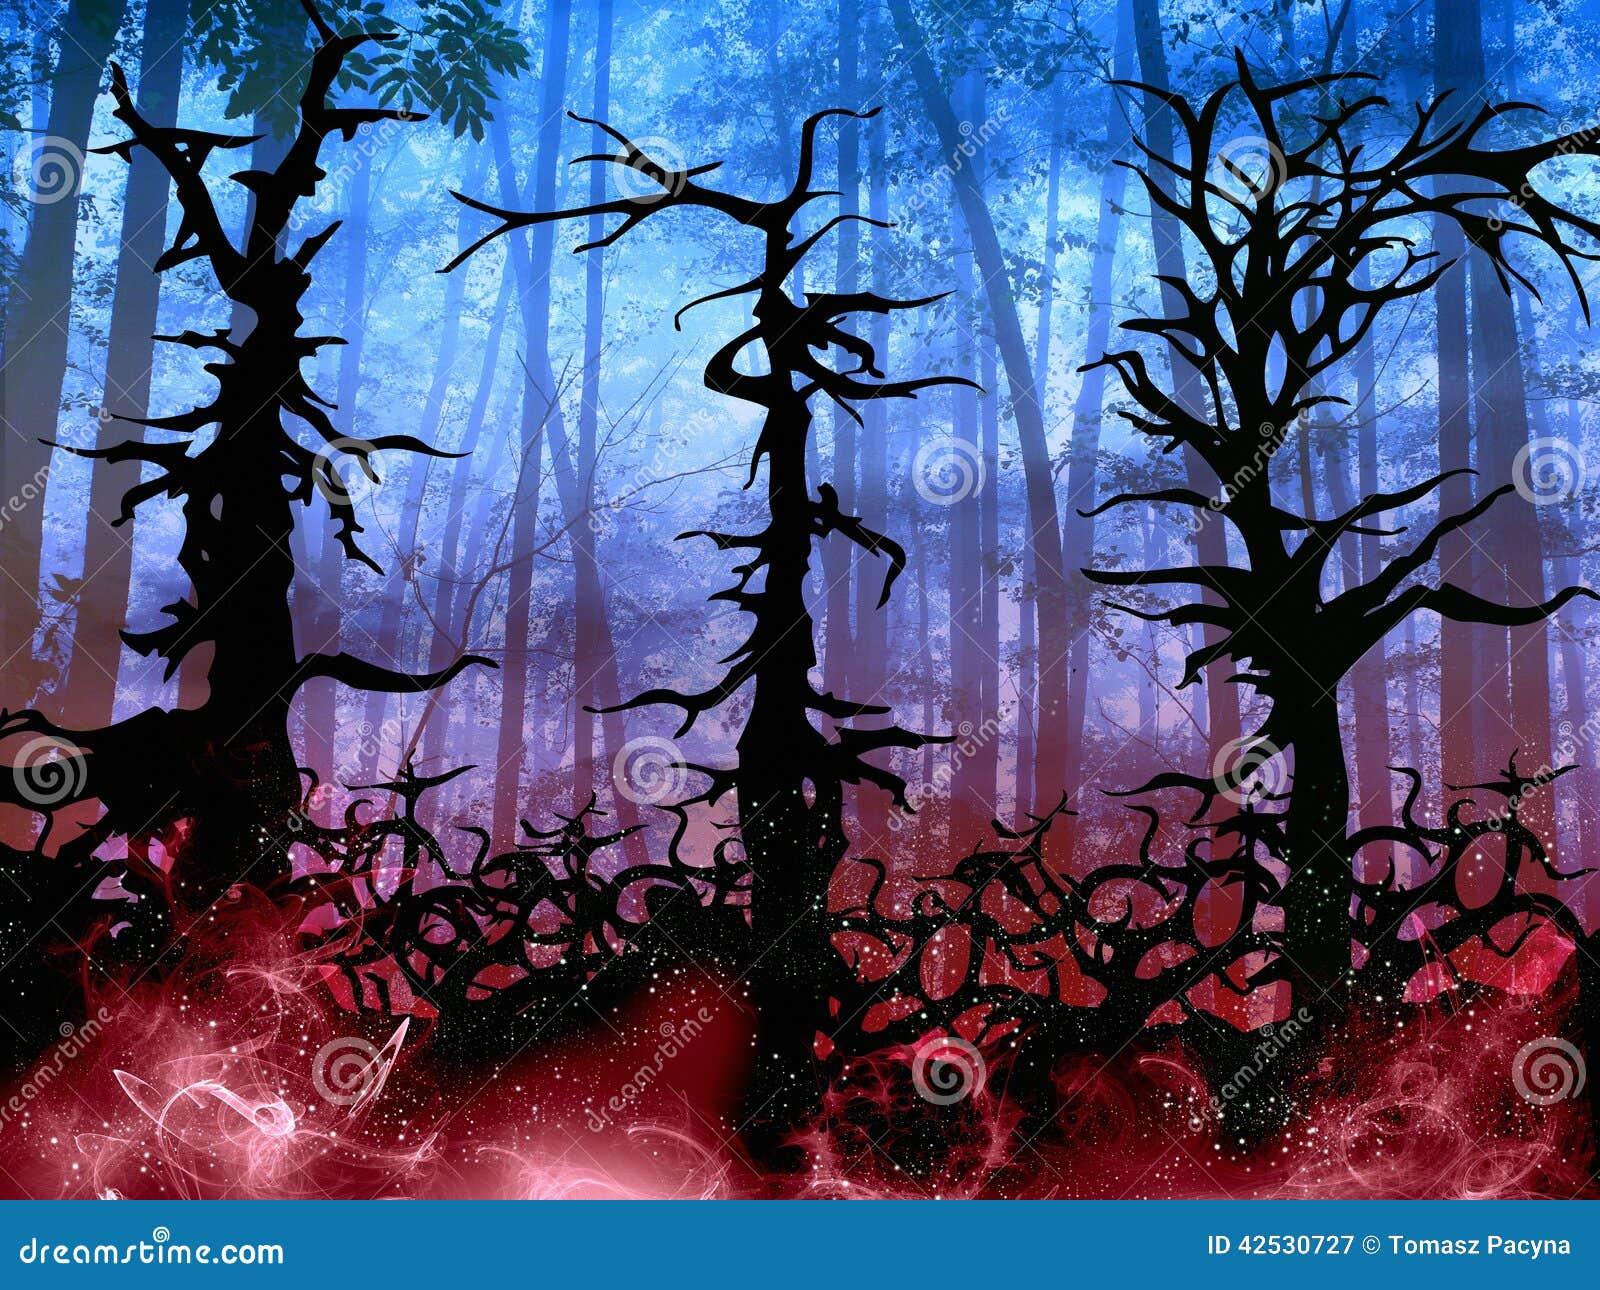 Halloween Light Up Tree